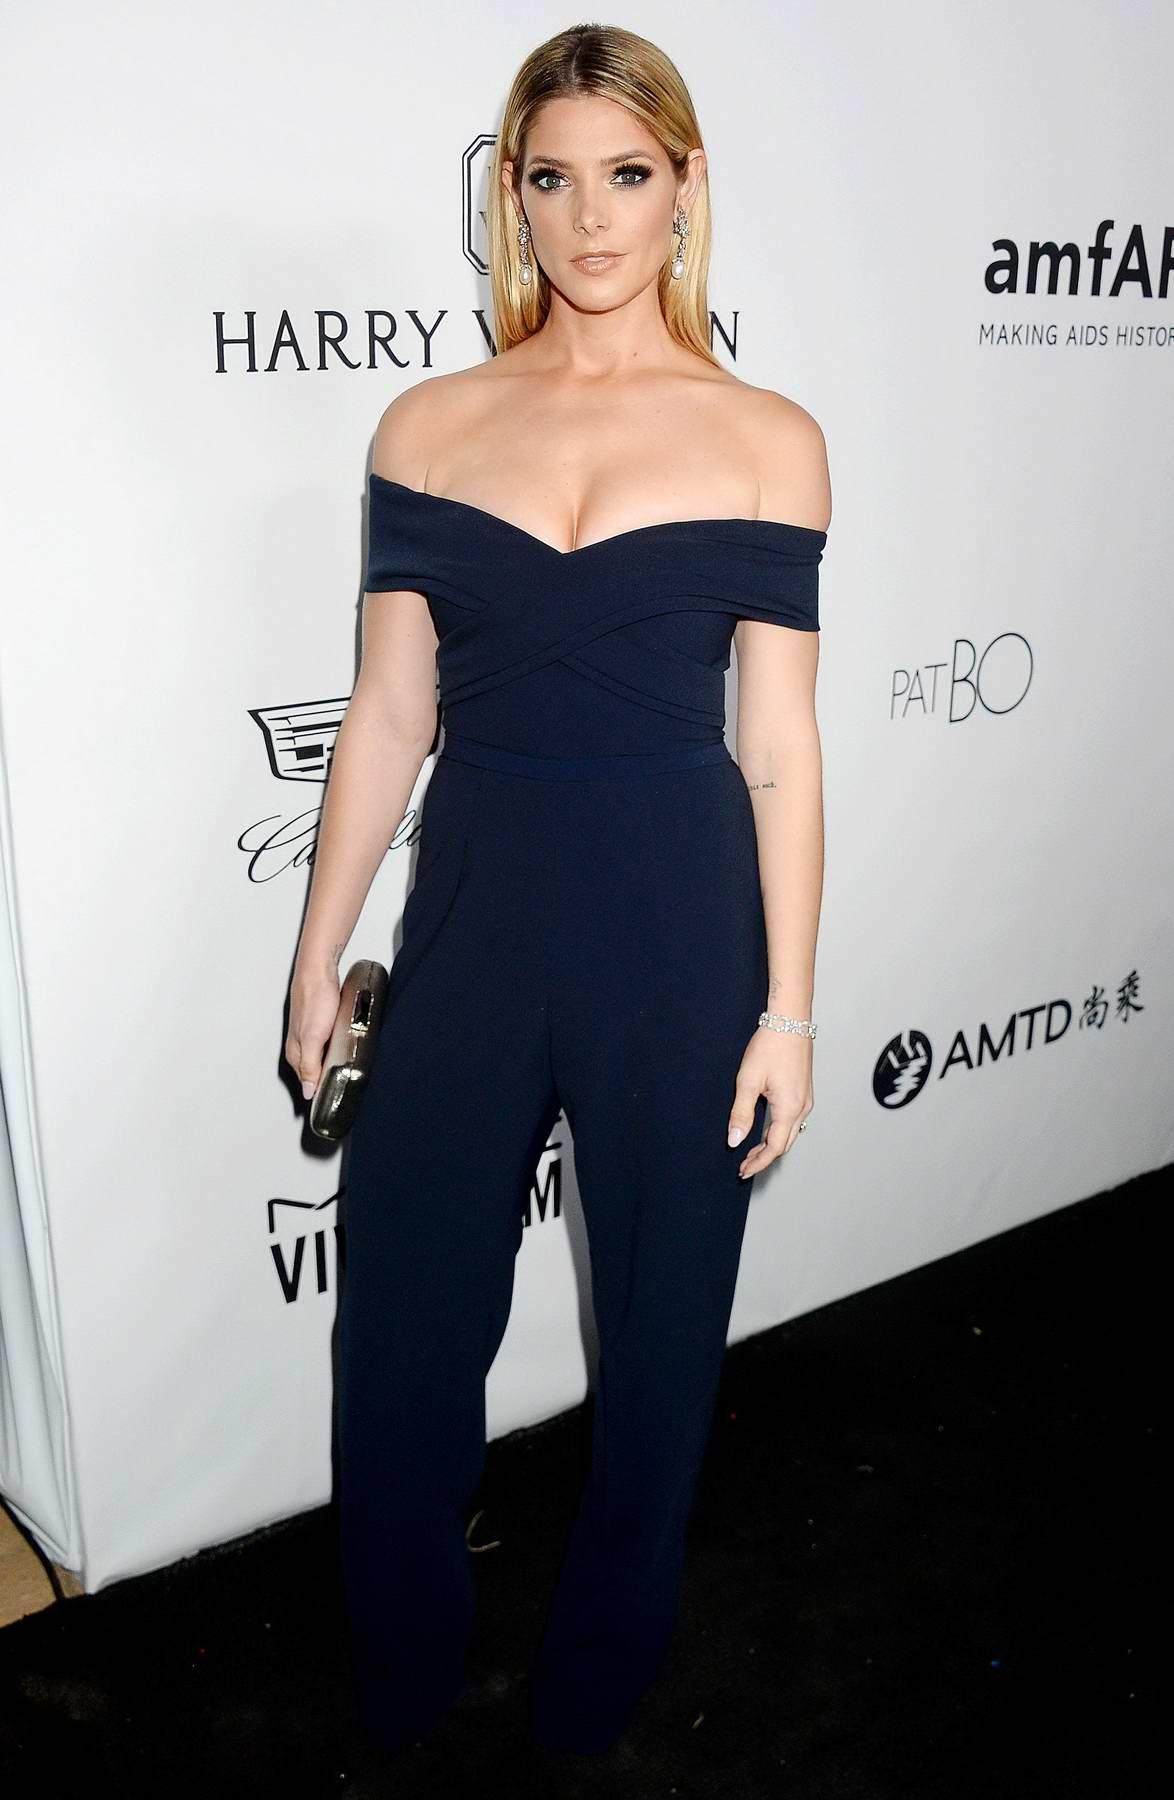 Ashley Greene at amfAR Inspiration Gala in Los Angeles